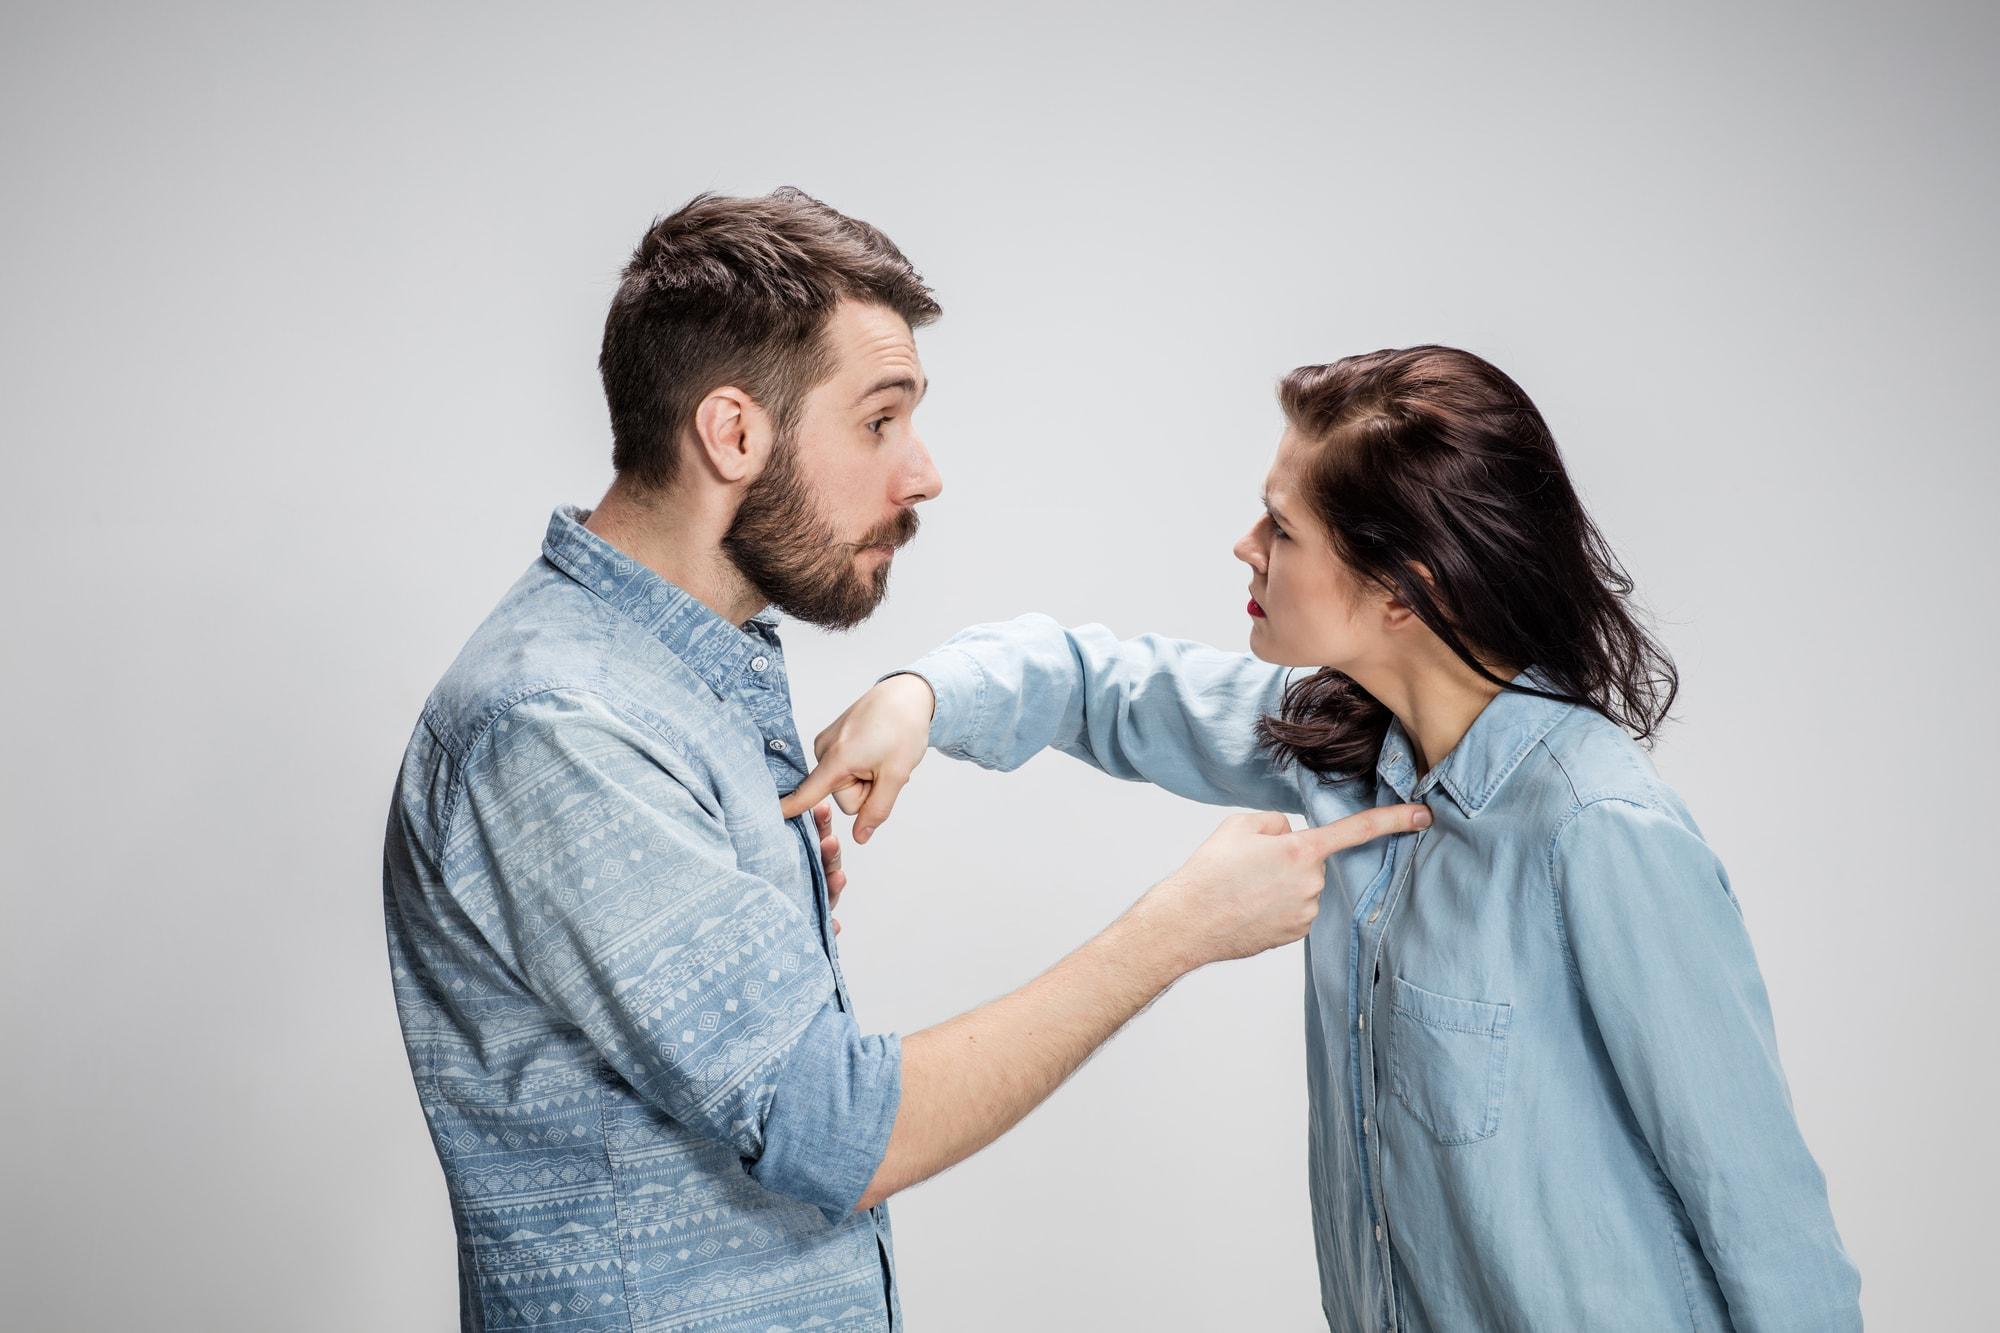 زوجها بر سر چه مسائلی بحث میکنند؟